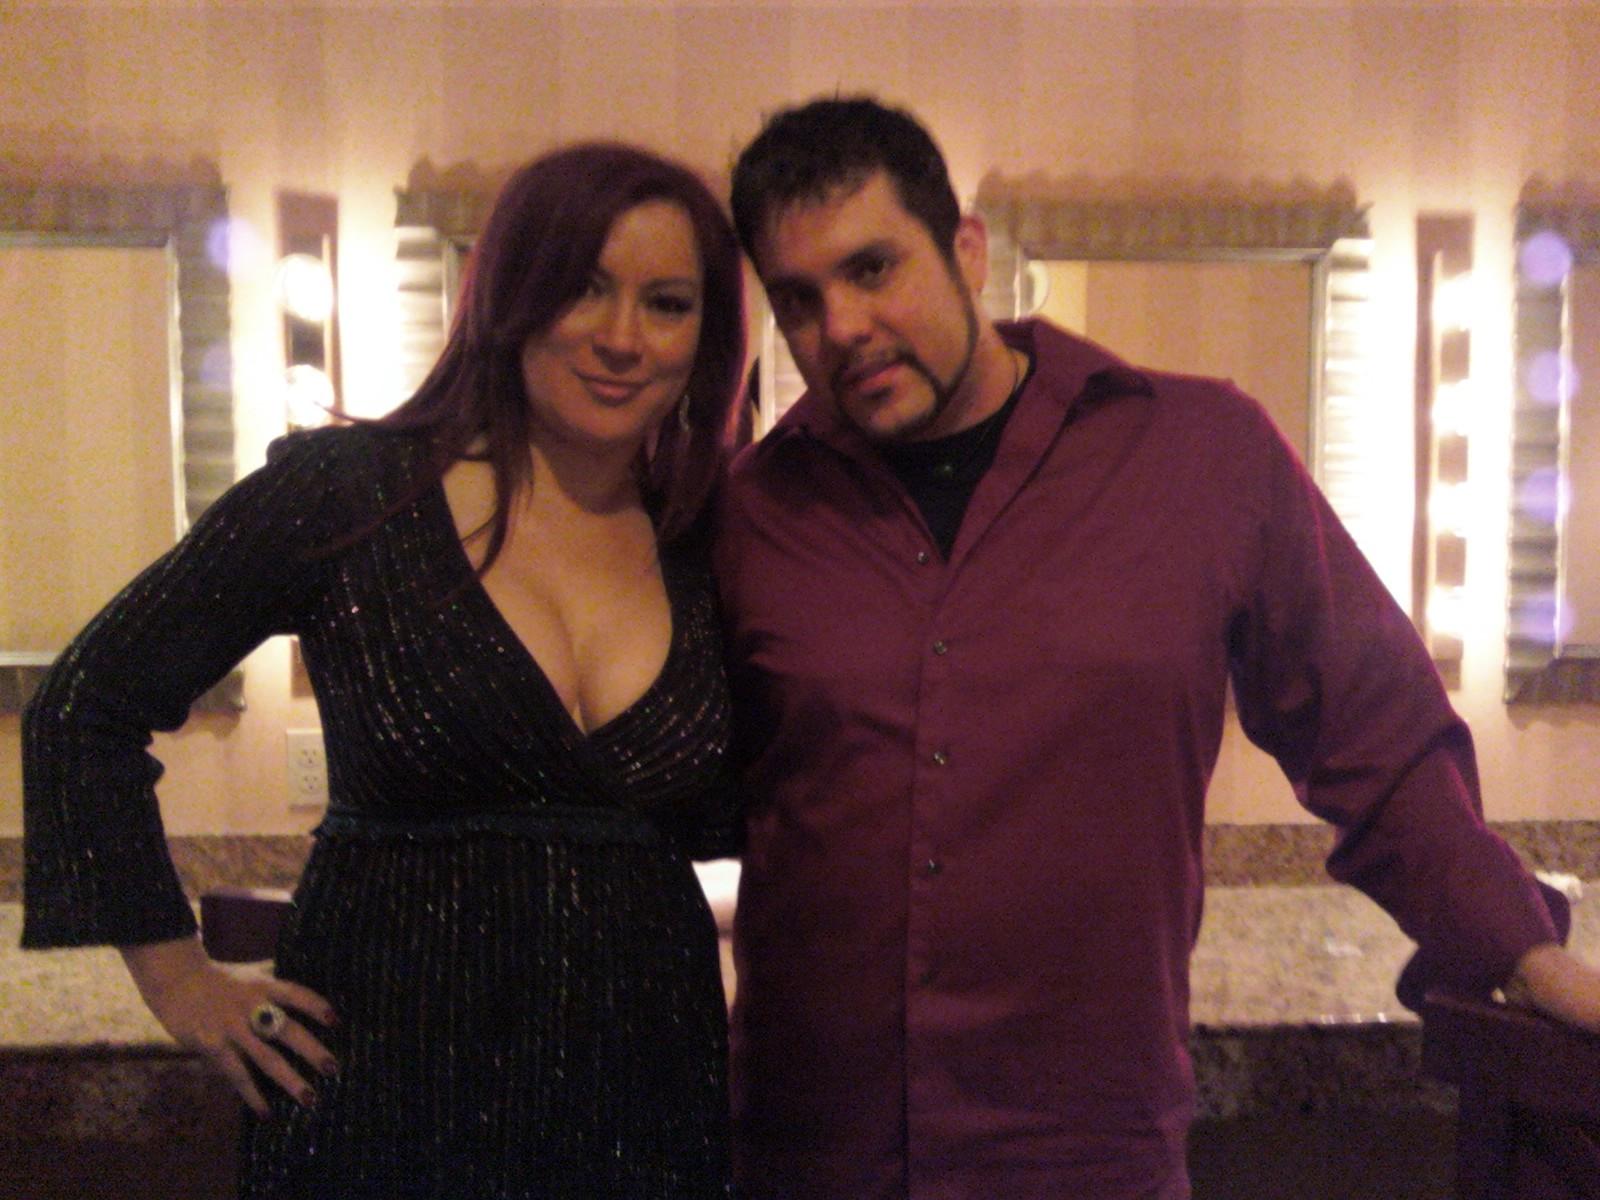 Me and Jennifer Tilly